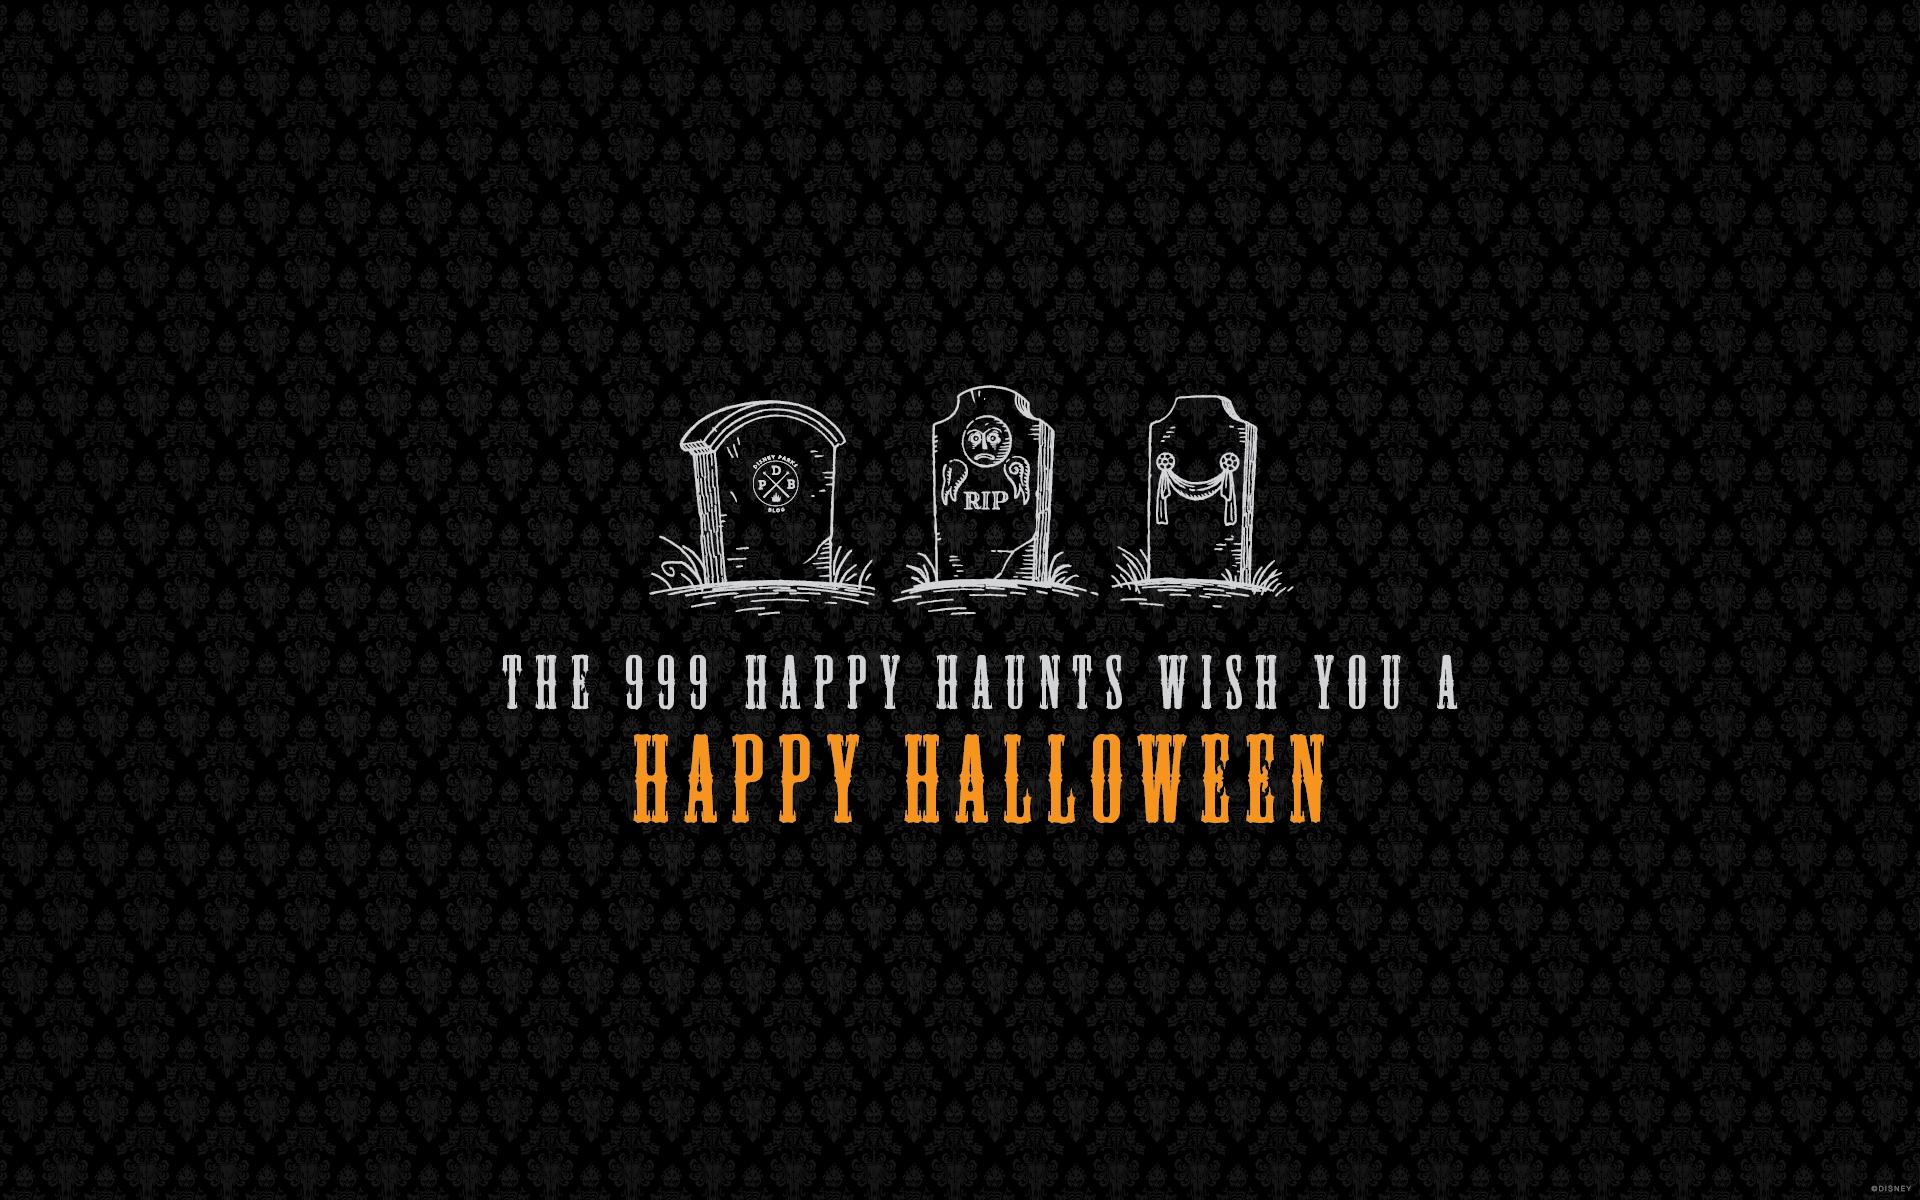 Halloween Desktop Wallpapers Disney Parks Blog 1920x1200